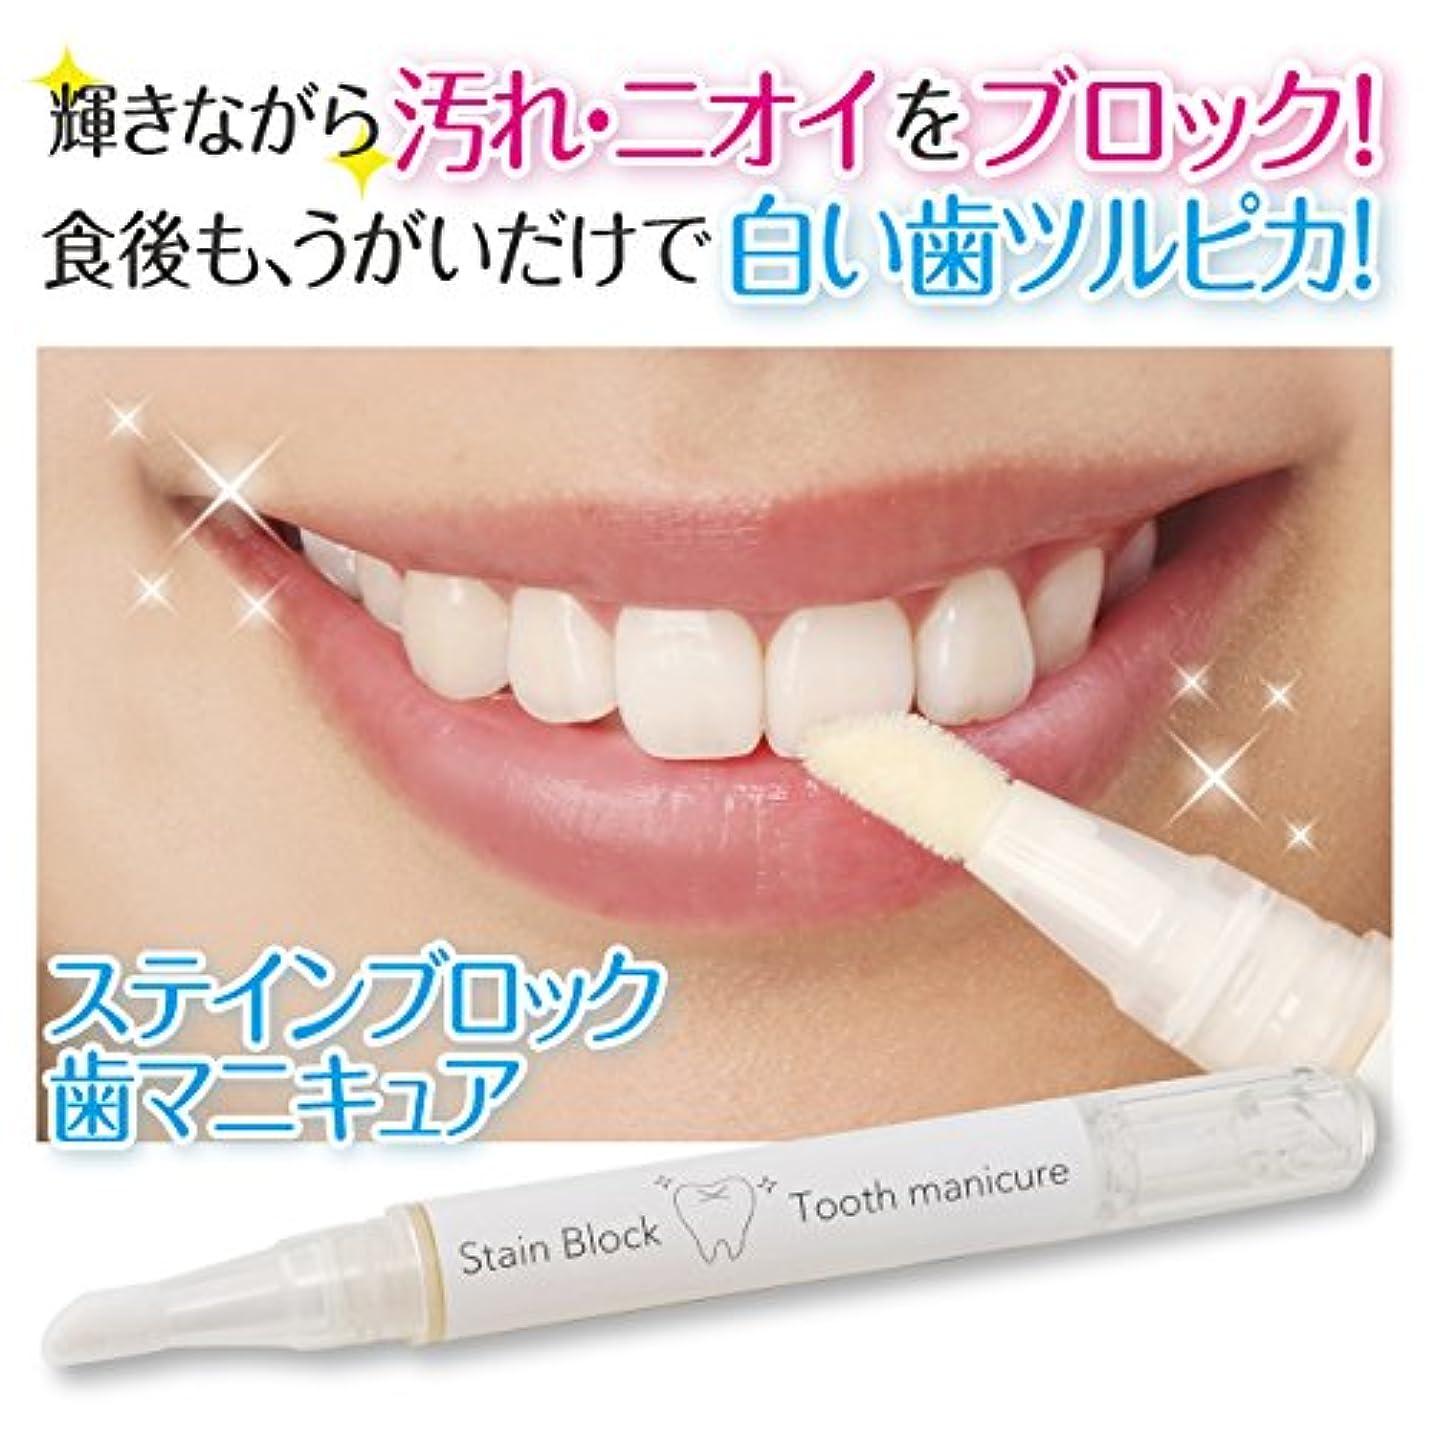 レジ膜良心的ステインブロック歯マニキュア